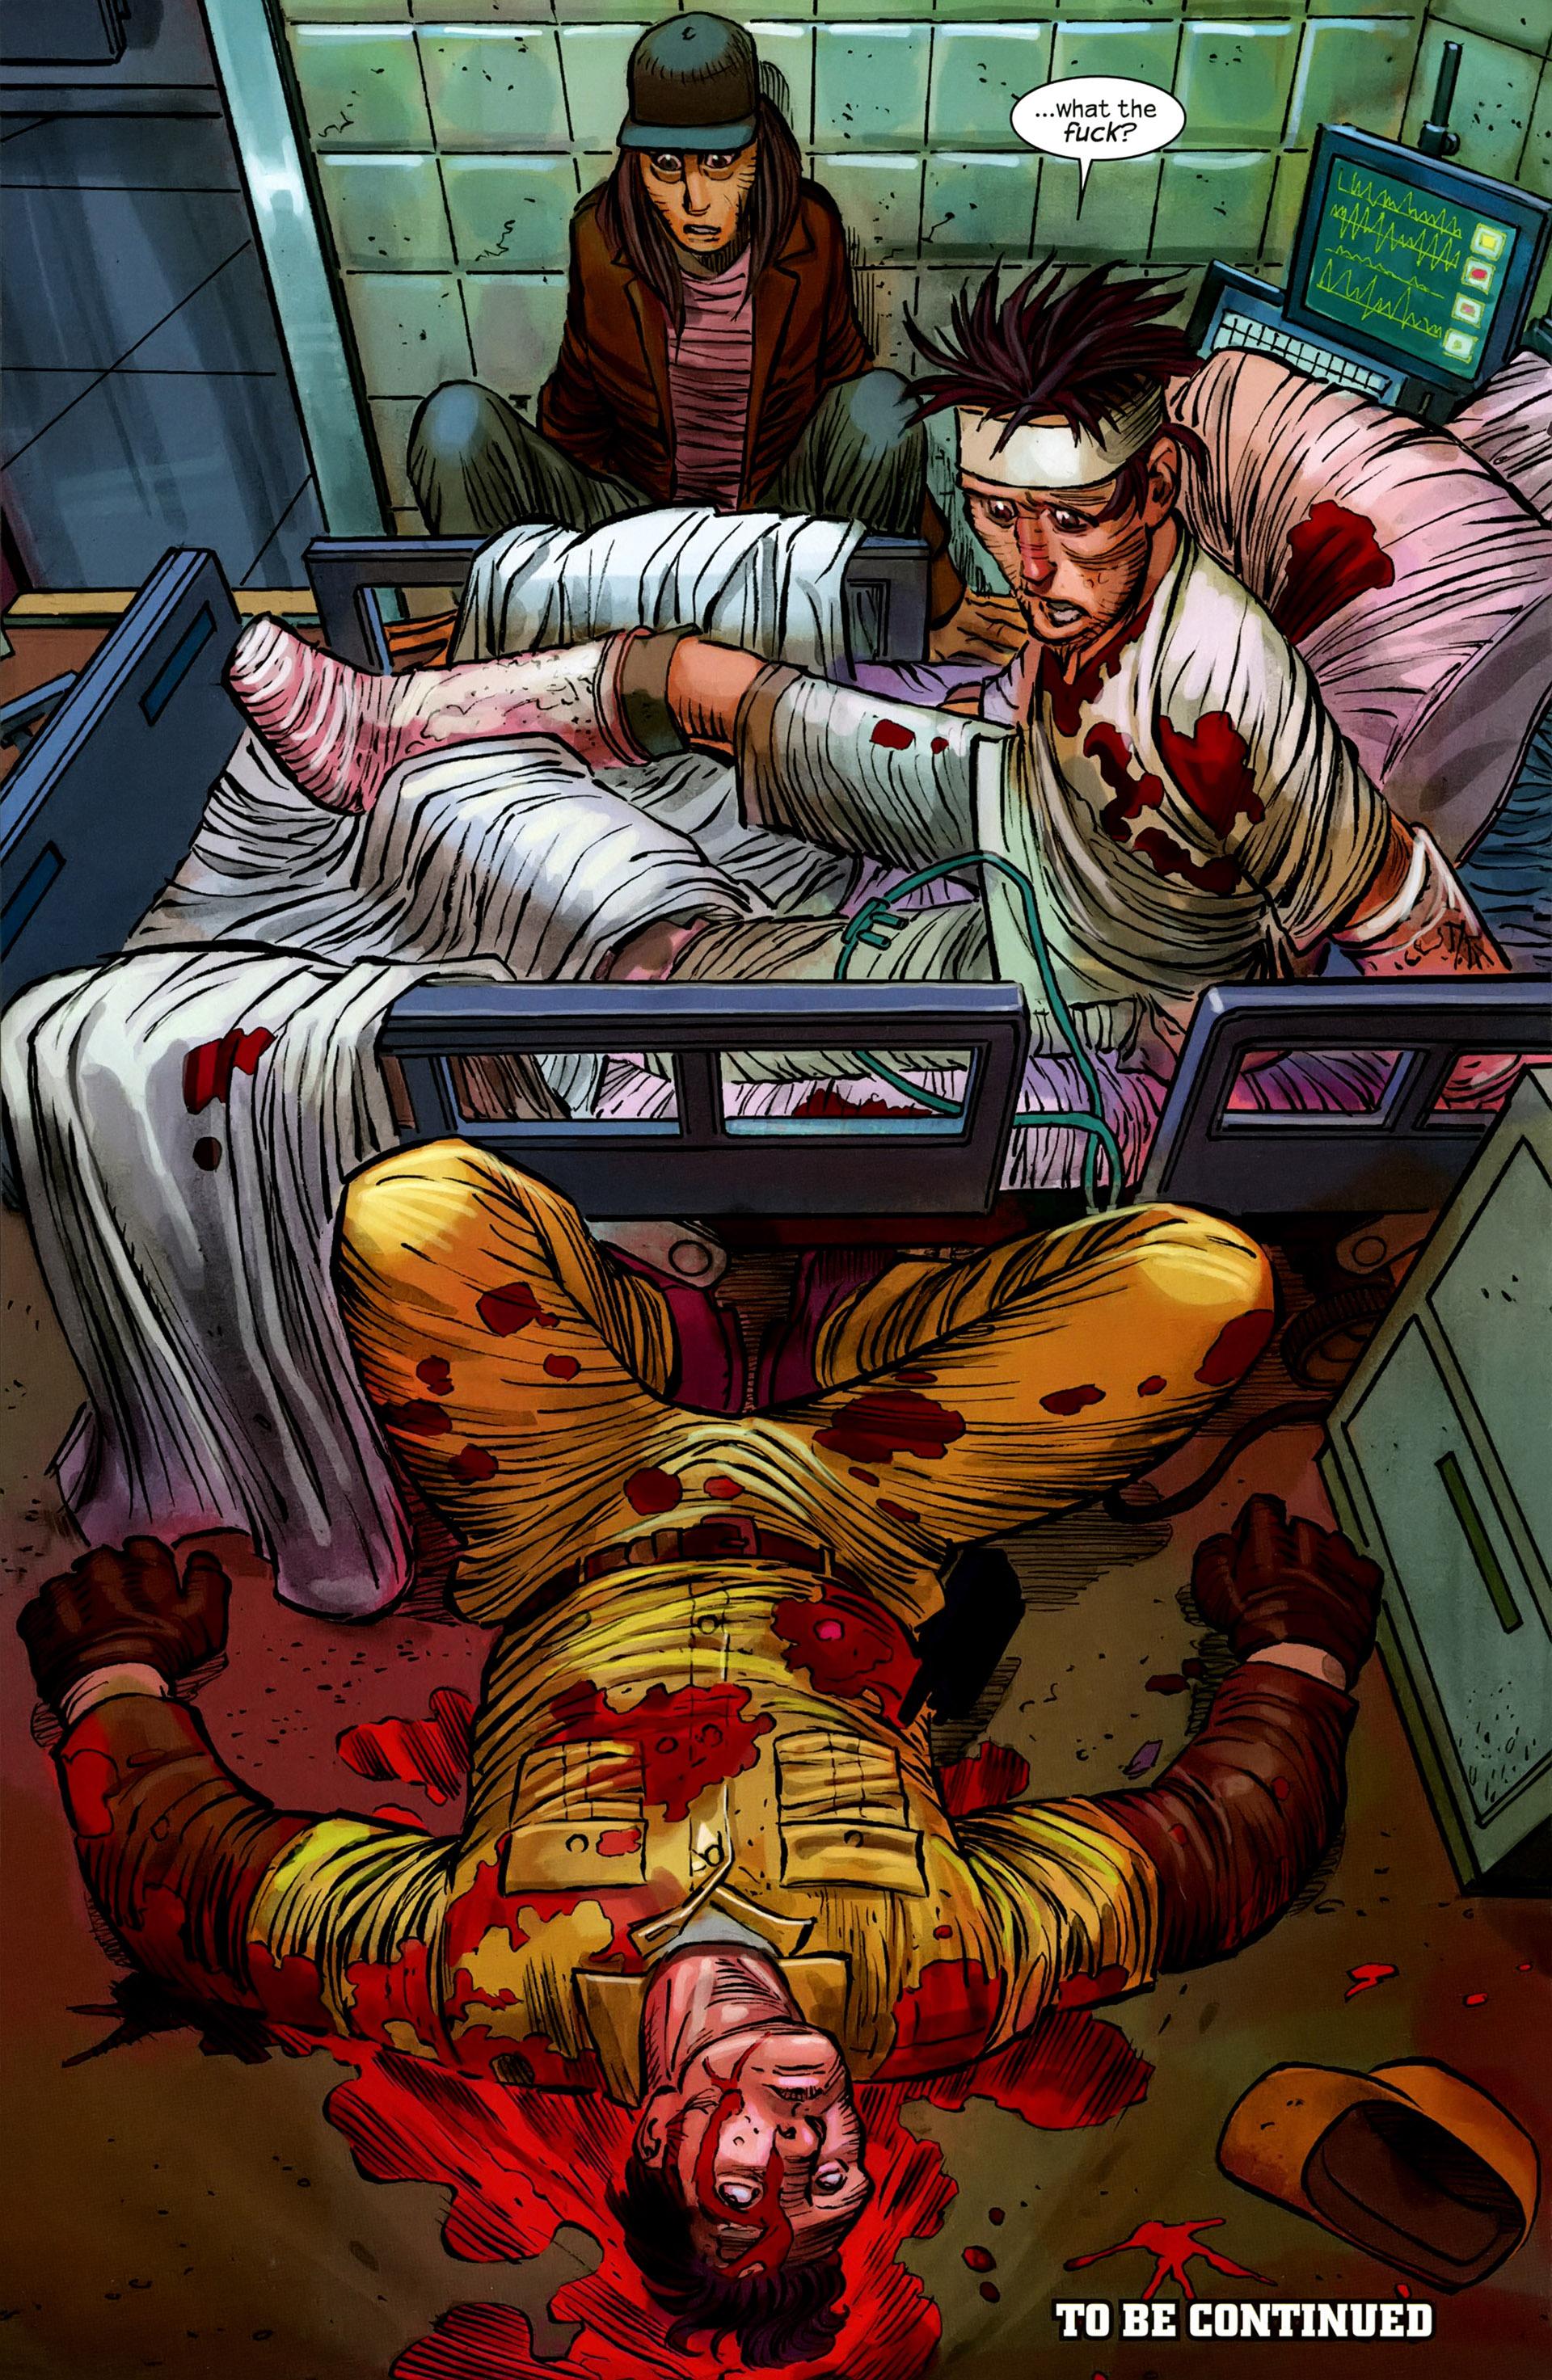 Kick Ass 2 Issue 5   Read Kick Ass 2 Issue 5 comic online